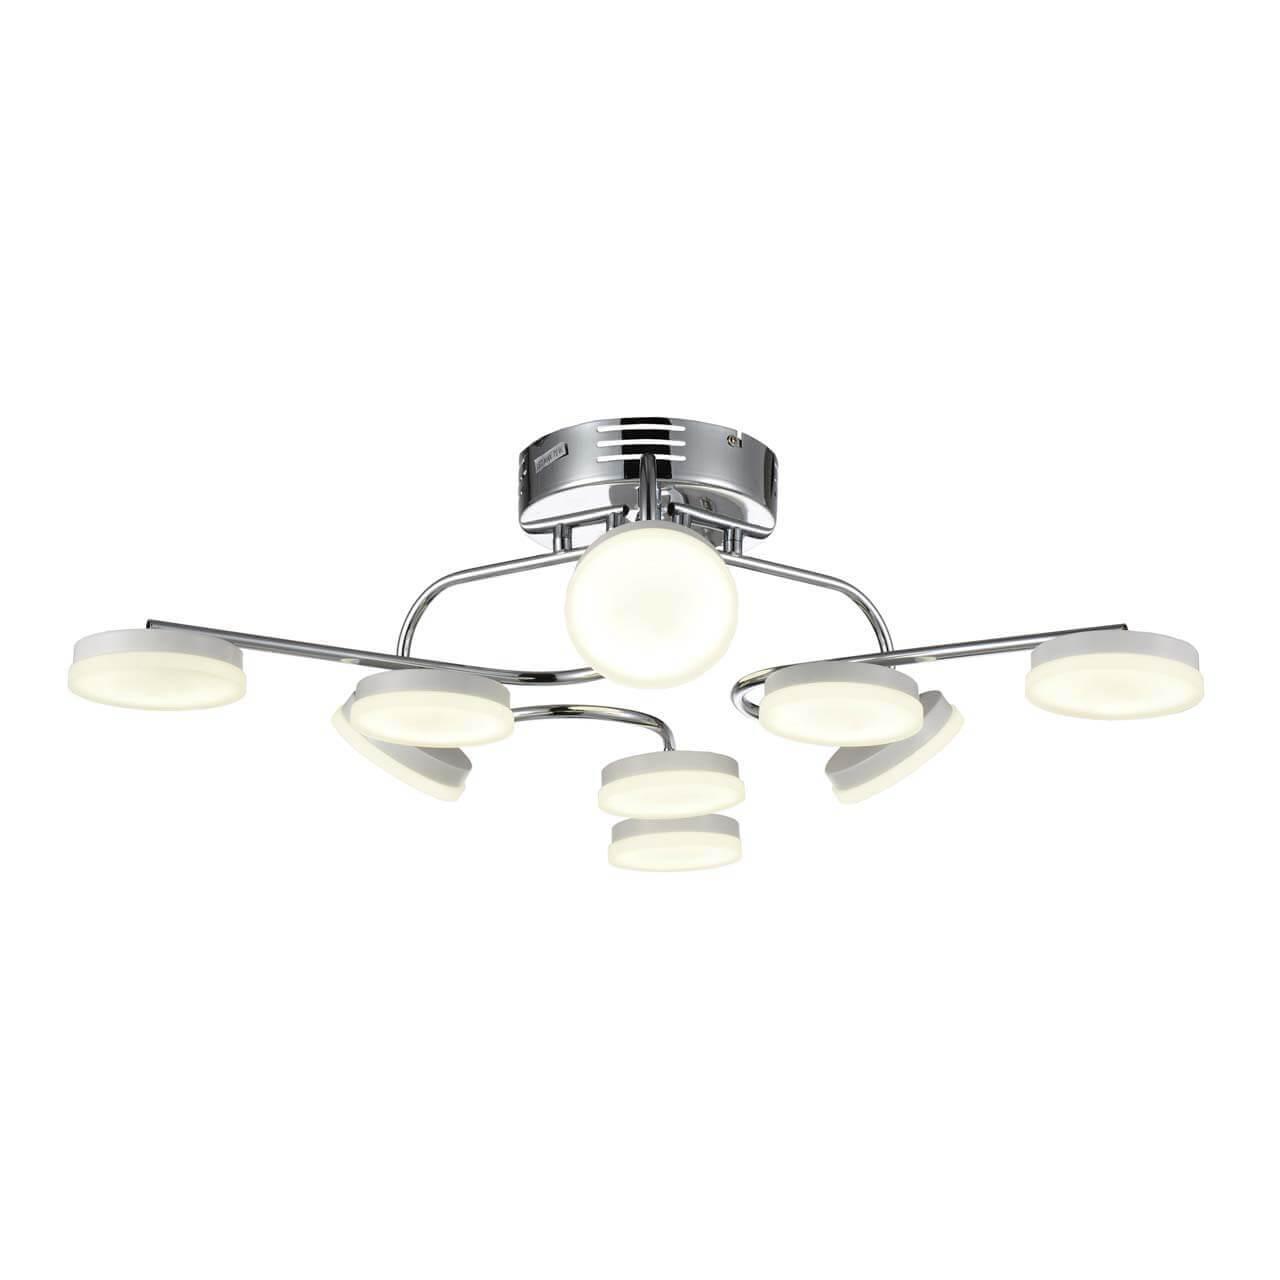 Потолочная светодиодная люстра ST Luce SL921.112.10 все цены